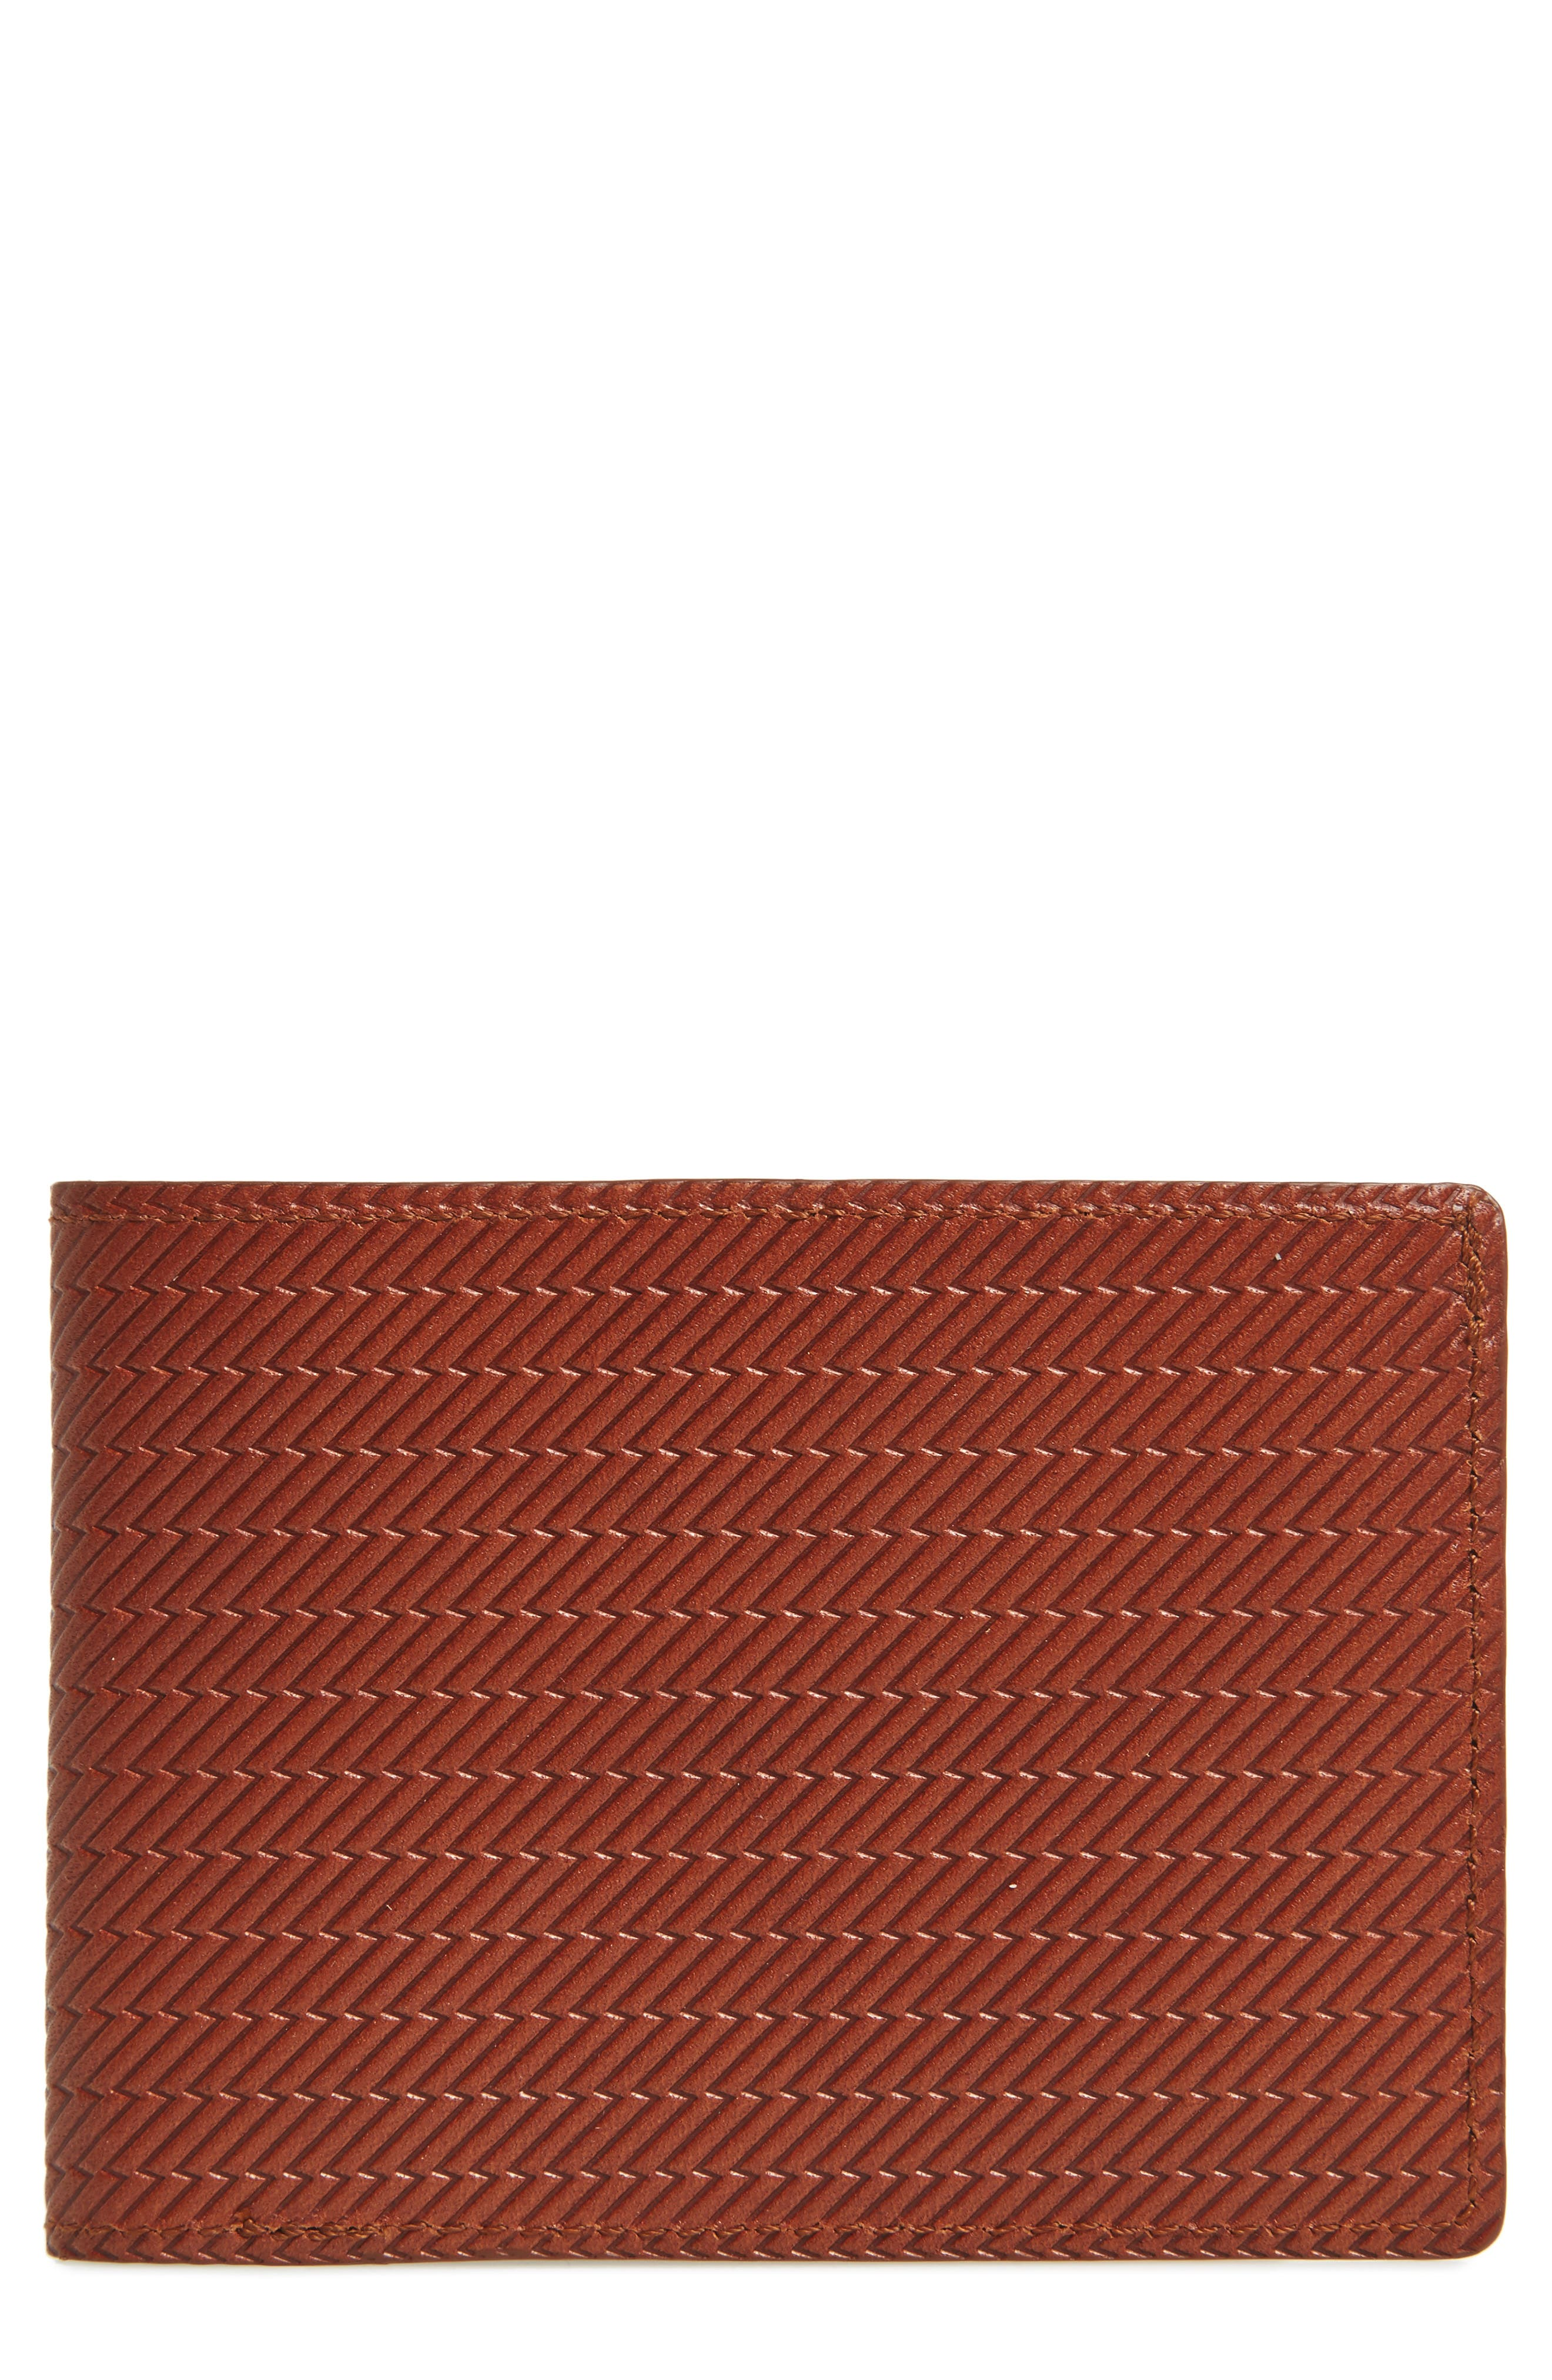 Leather Wallet,                         Main,                         color, Bourbon